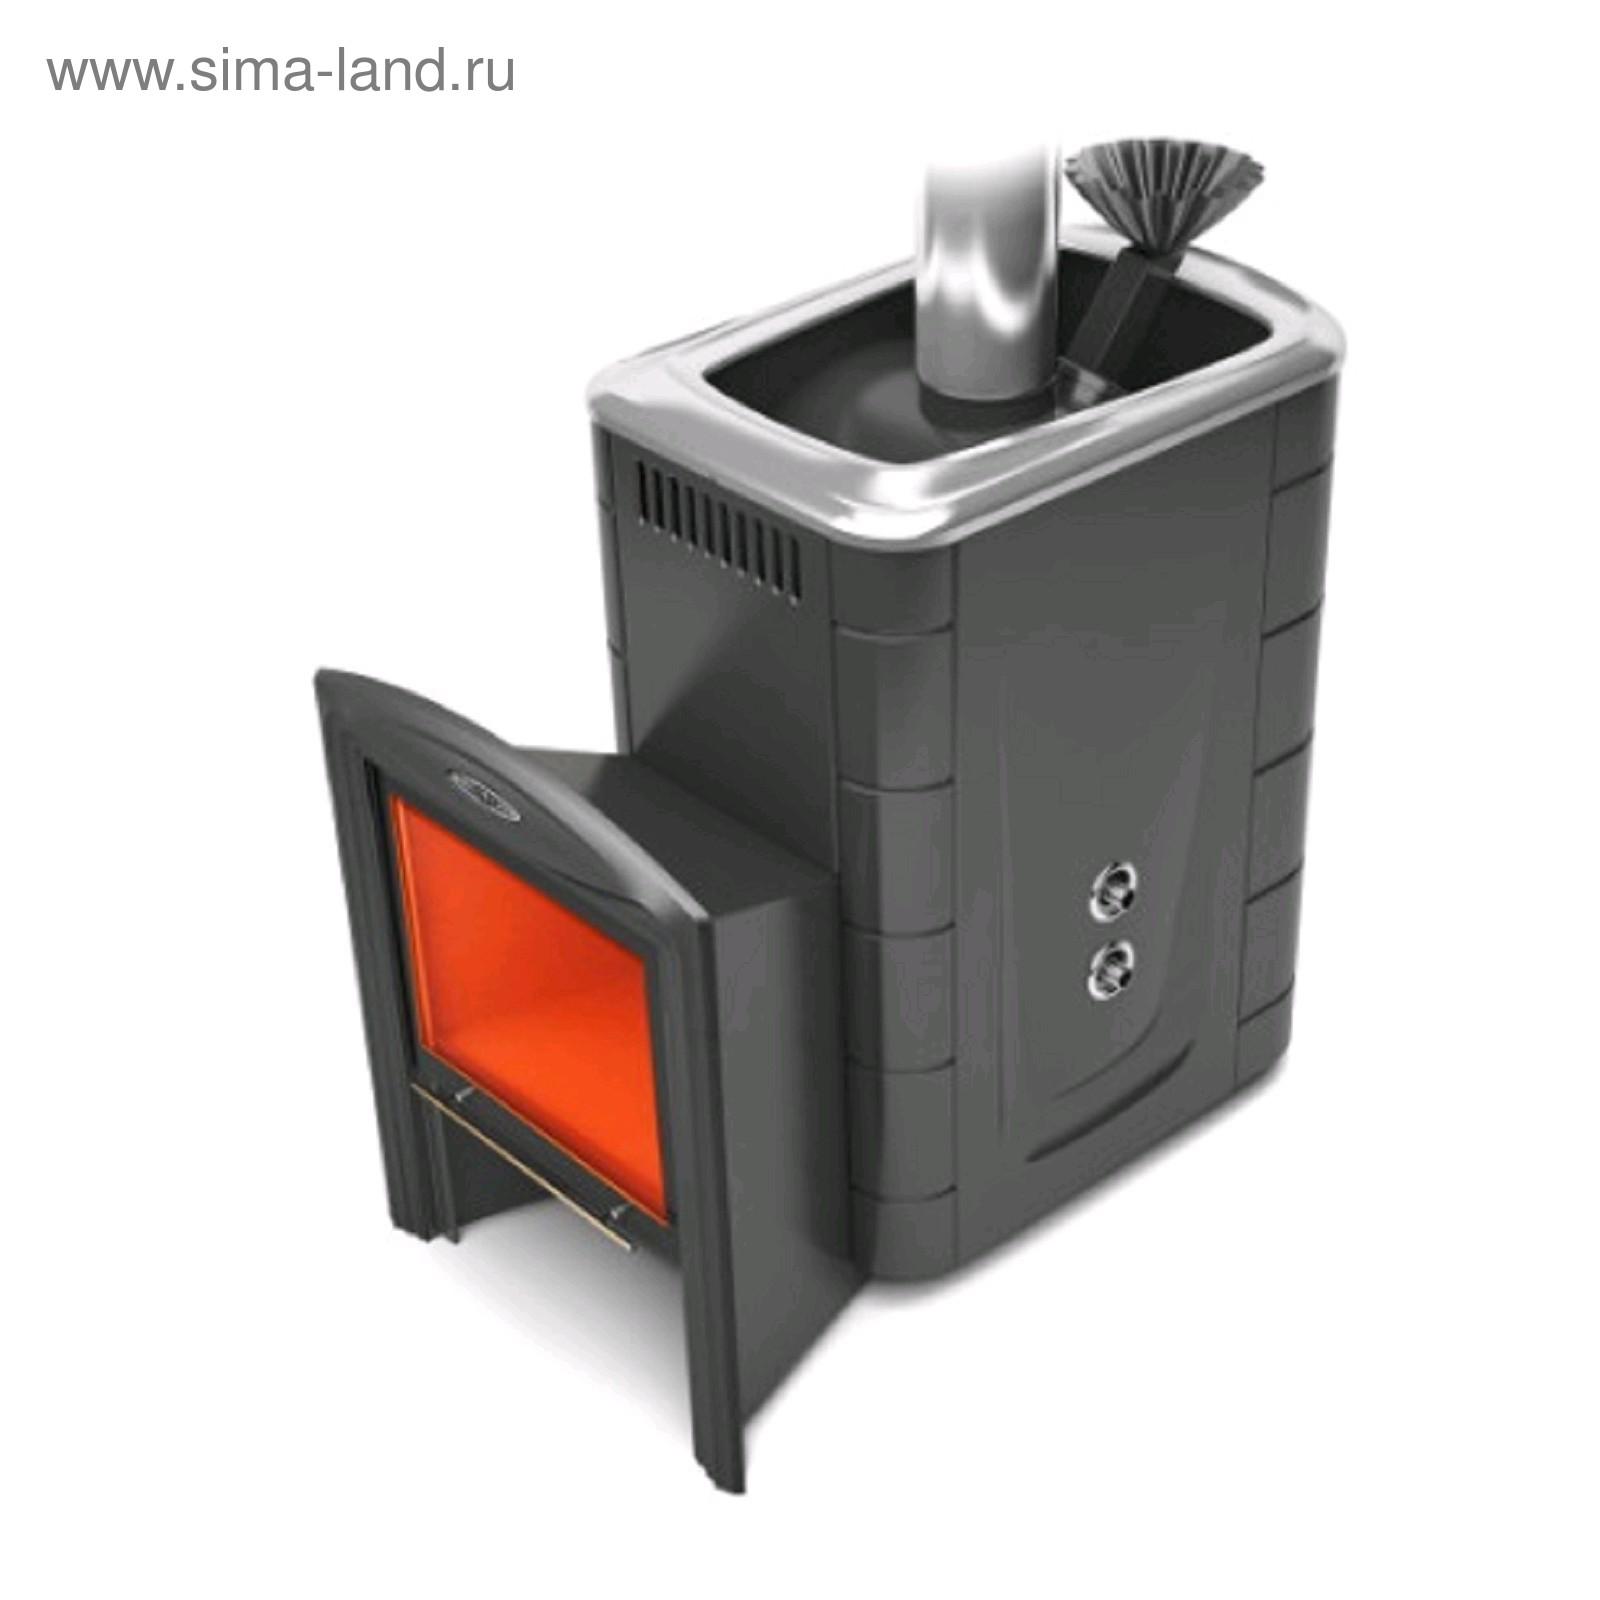 Теплообменник в каменке Кожухотрубный испаритель ONDA HPE 400 Назрань